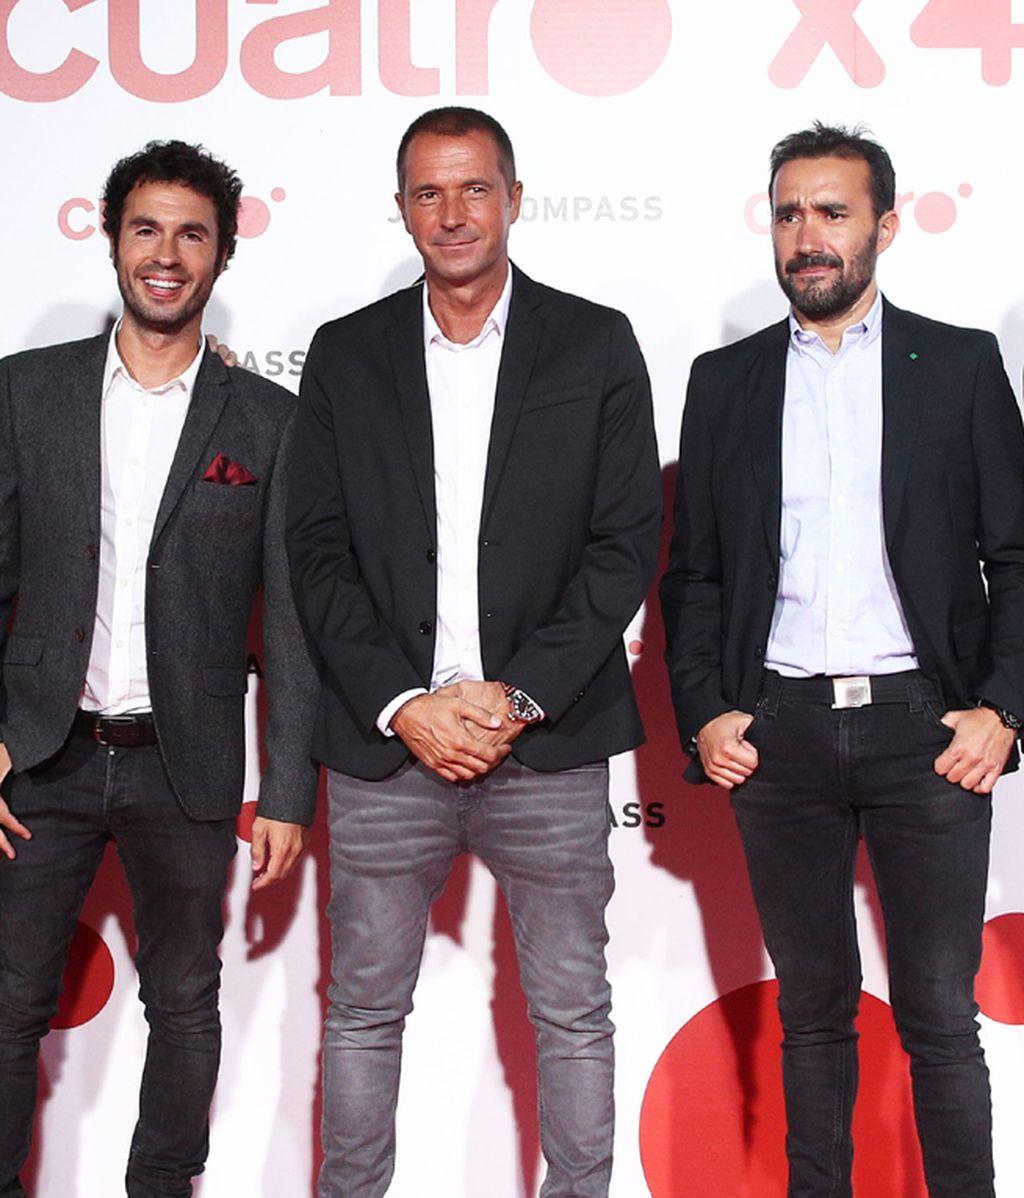 Luis García, Manu Carreño y Juanma Castaño